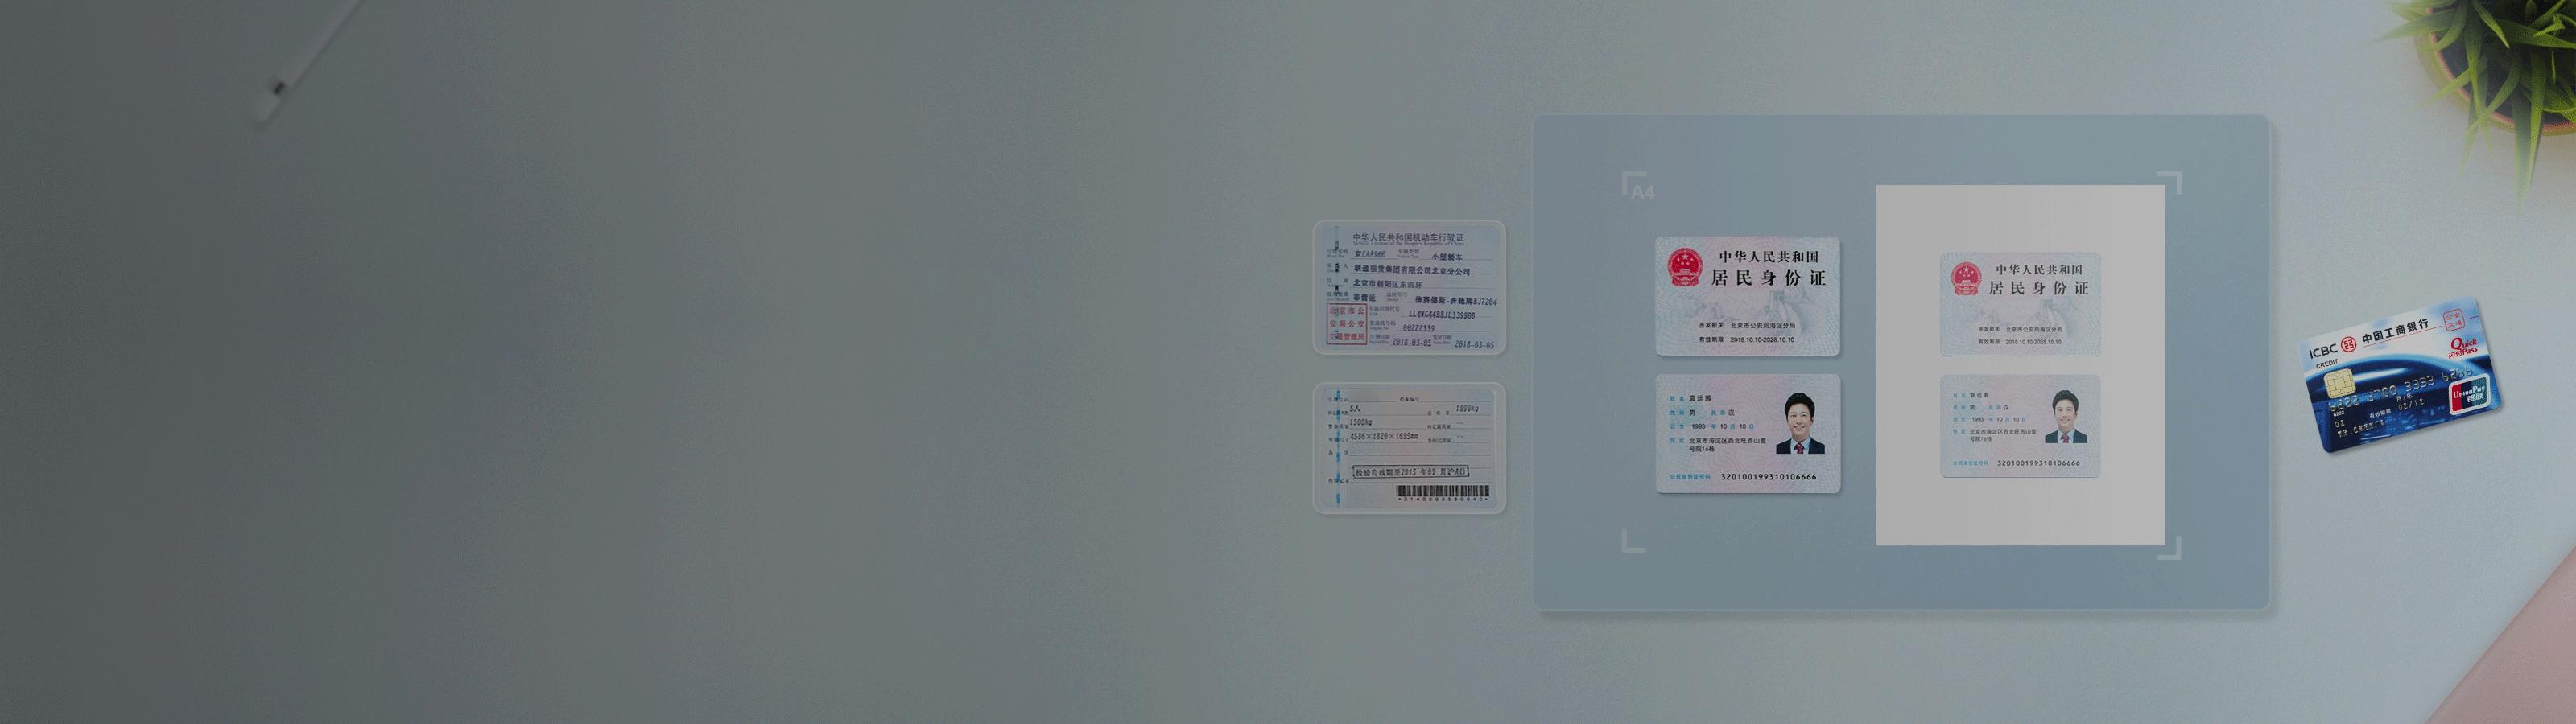 多卡证类别检测